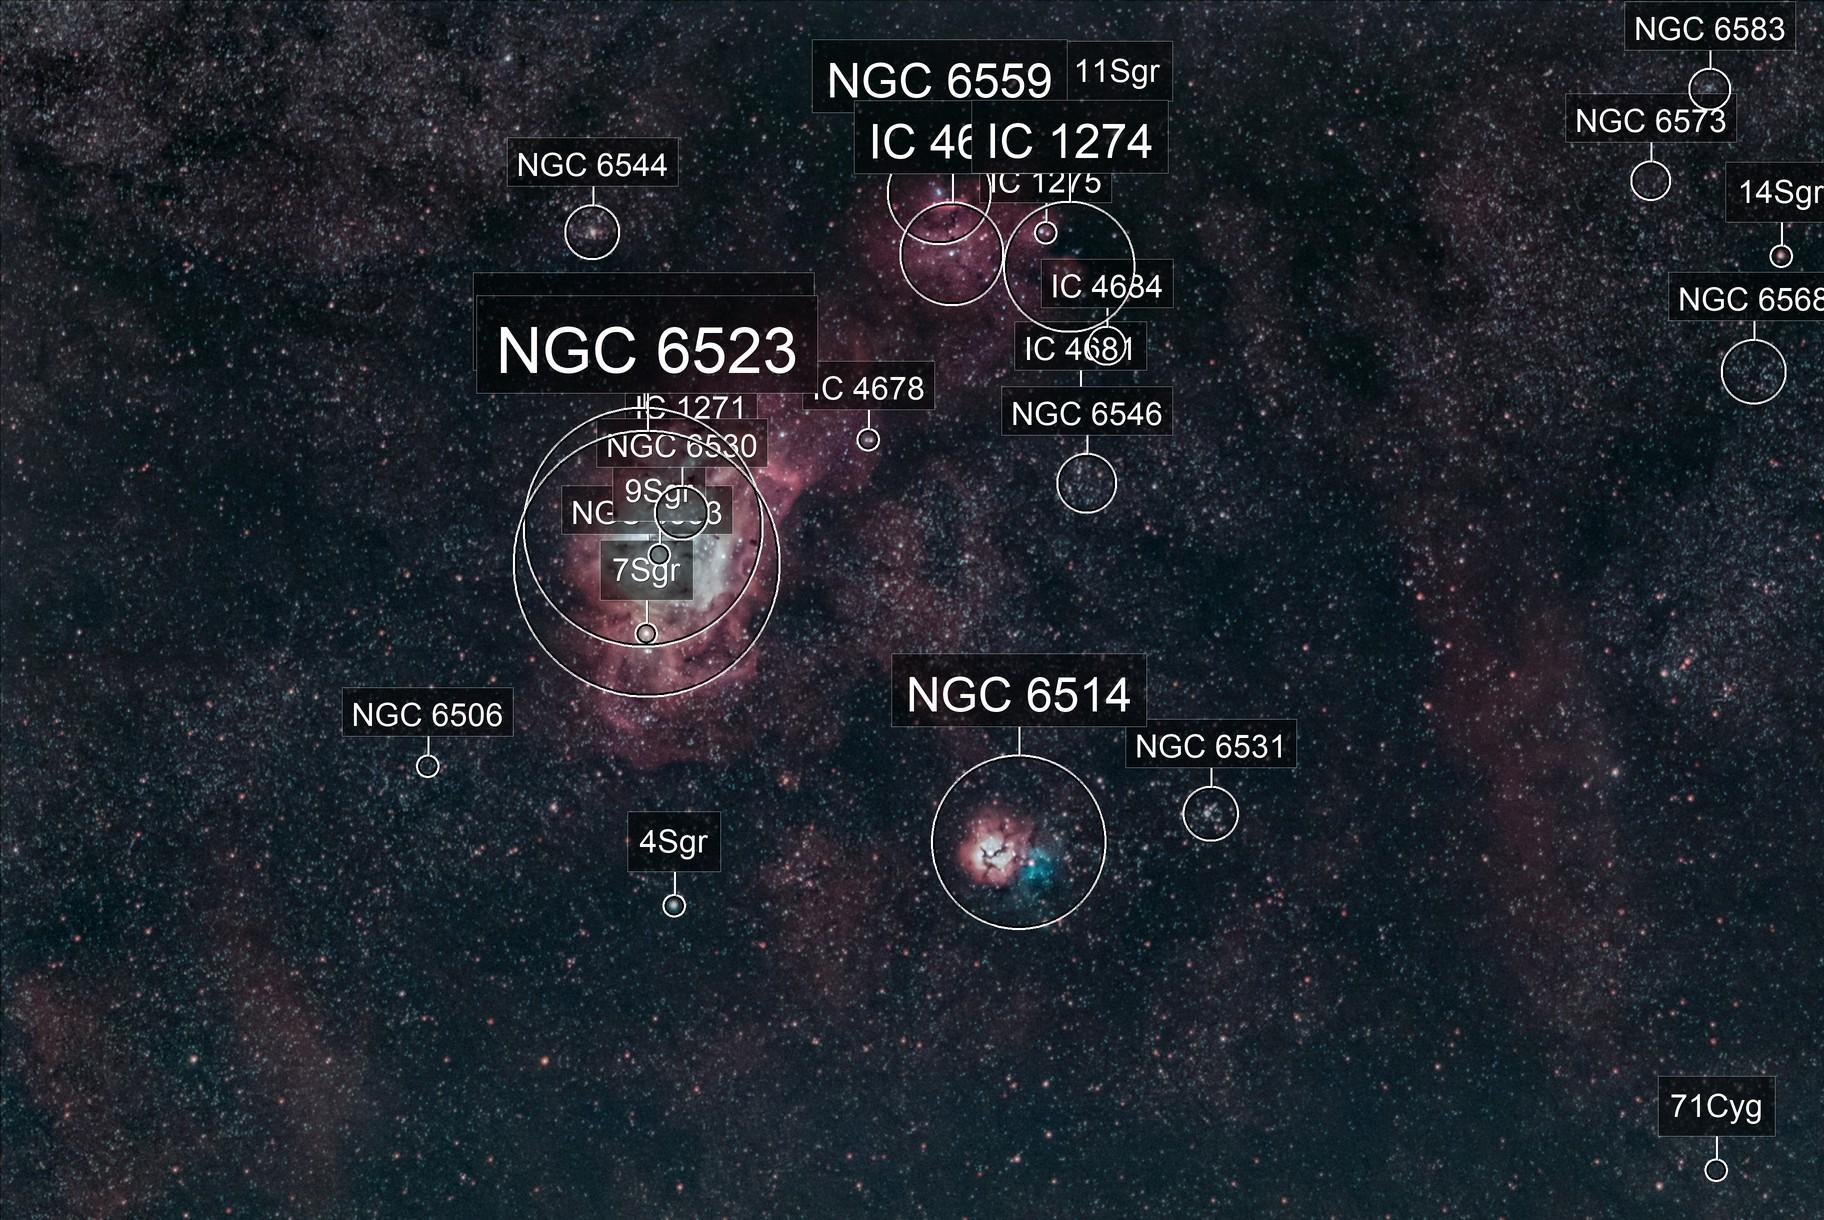 Lagoon and Trifid Nebula - M8 M20